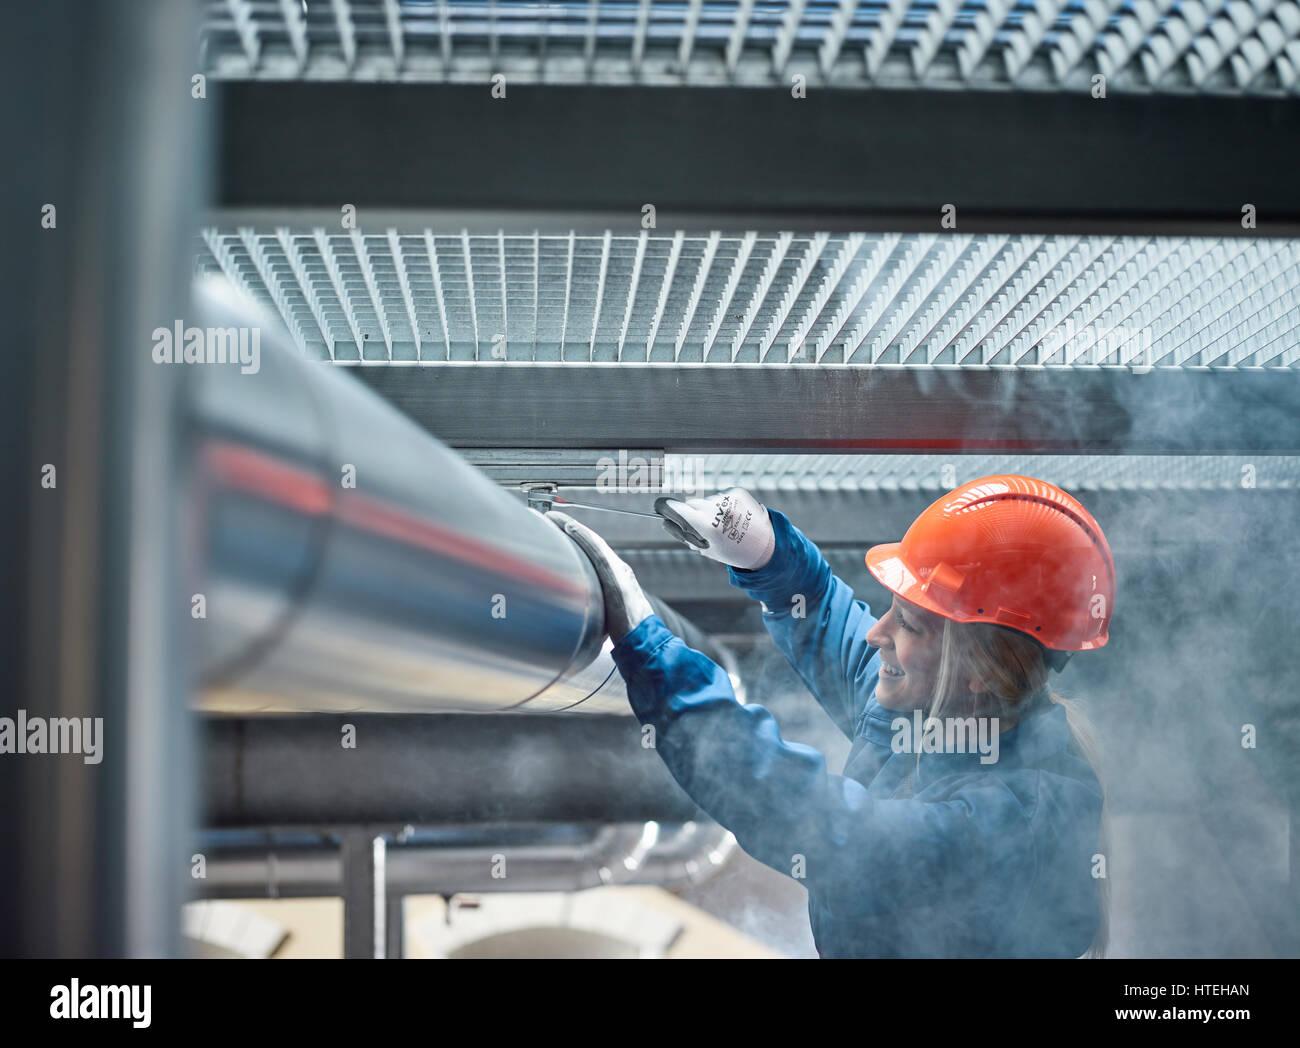 Technicien, mécanicien de casque orange le montage d'un support de conduite de réfrigération, Photo Stock